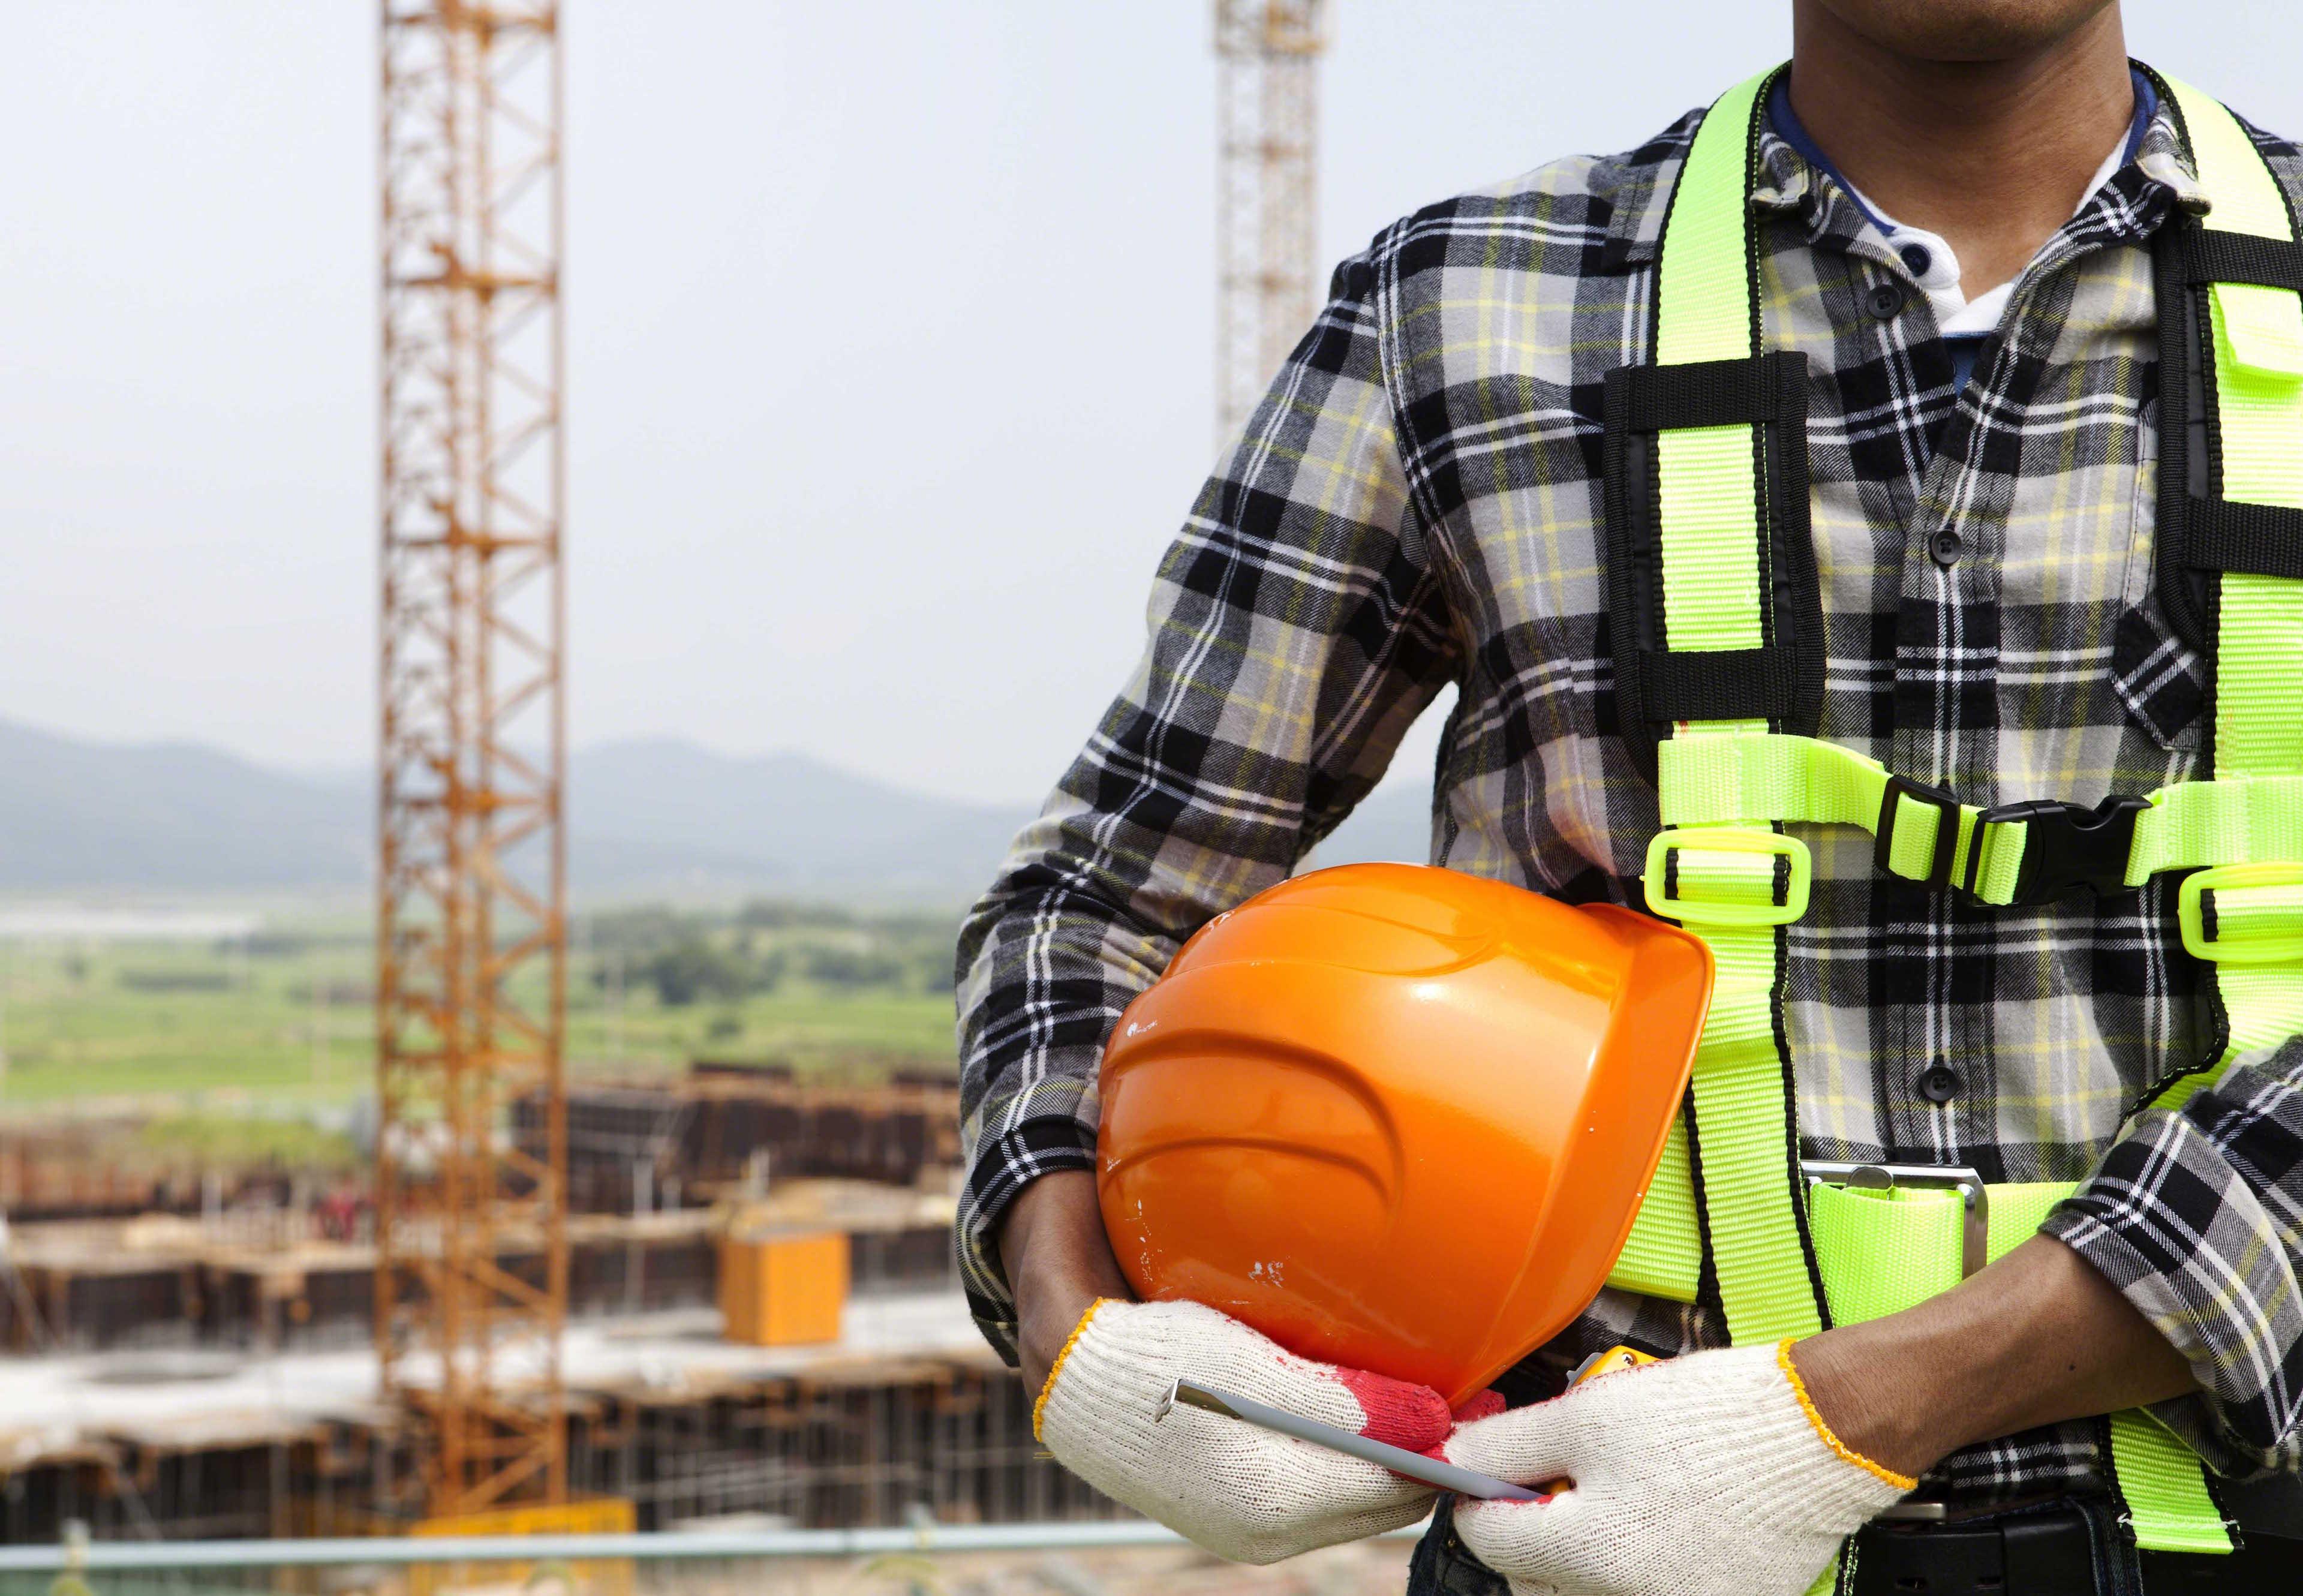 Trabajador de la construcción sosteniendo un casco